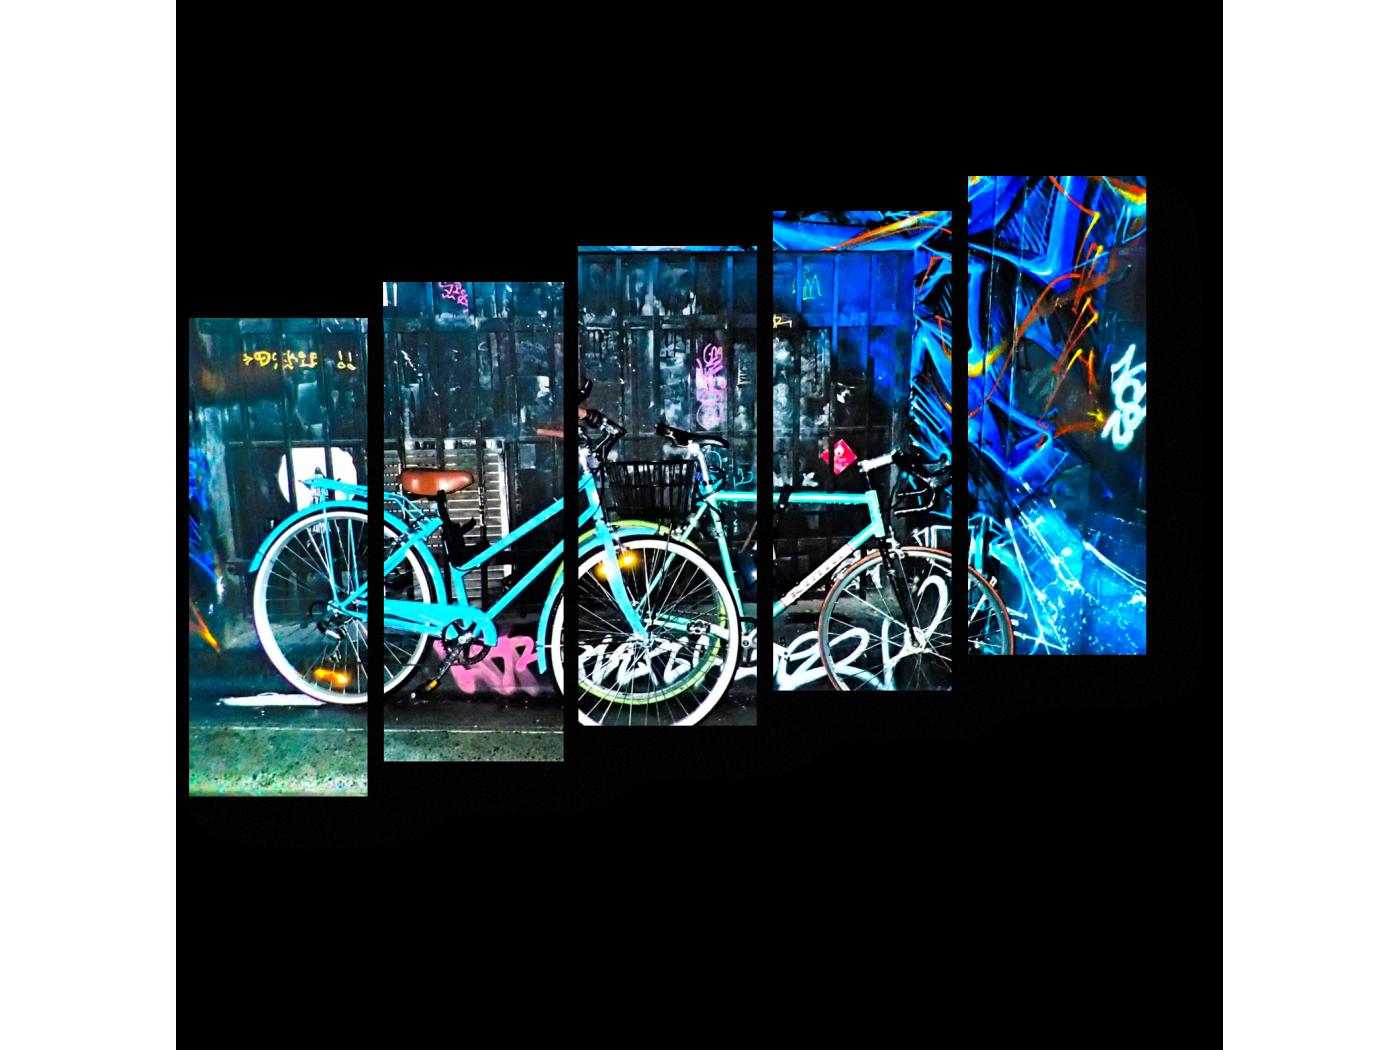 Модульная картина Велосипеды и граффити (90x63) фото